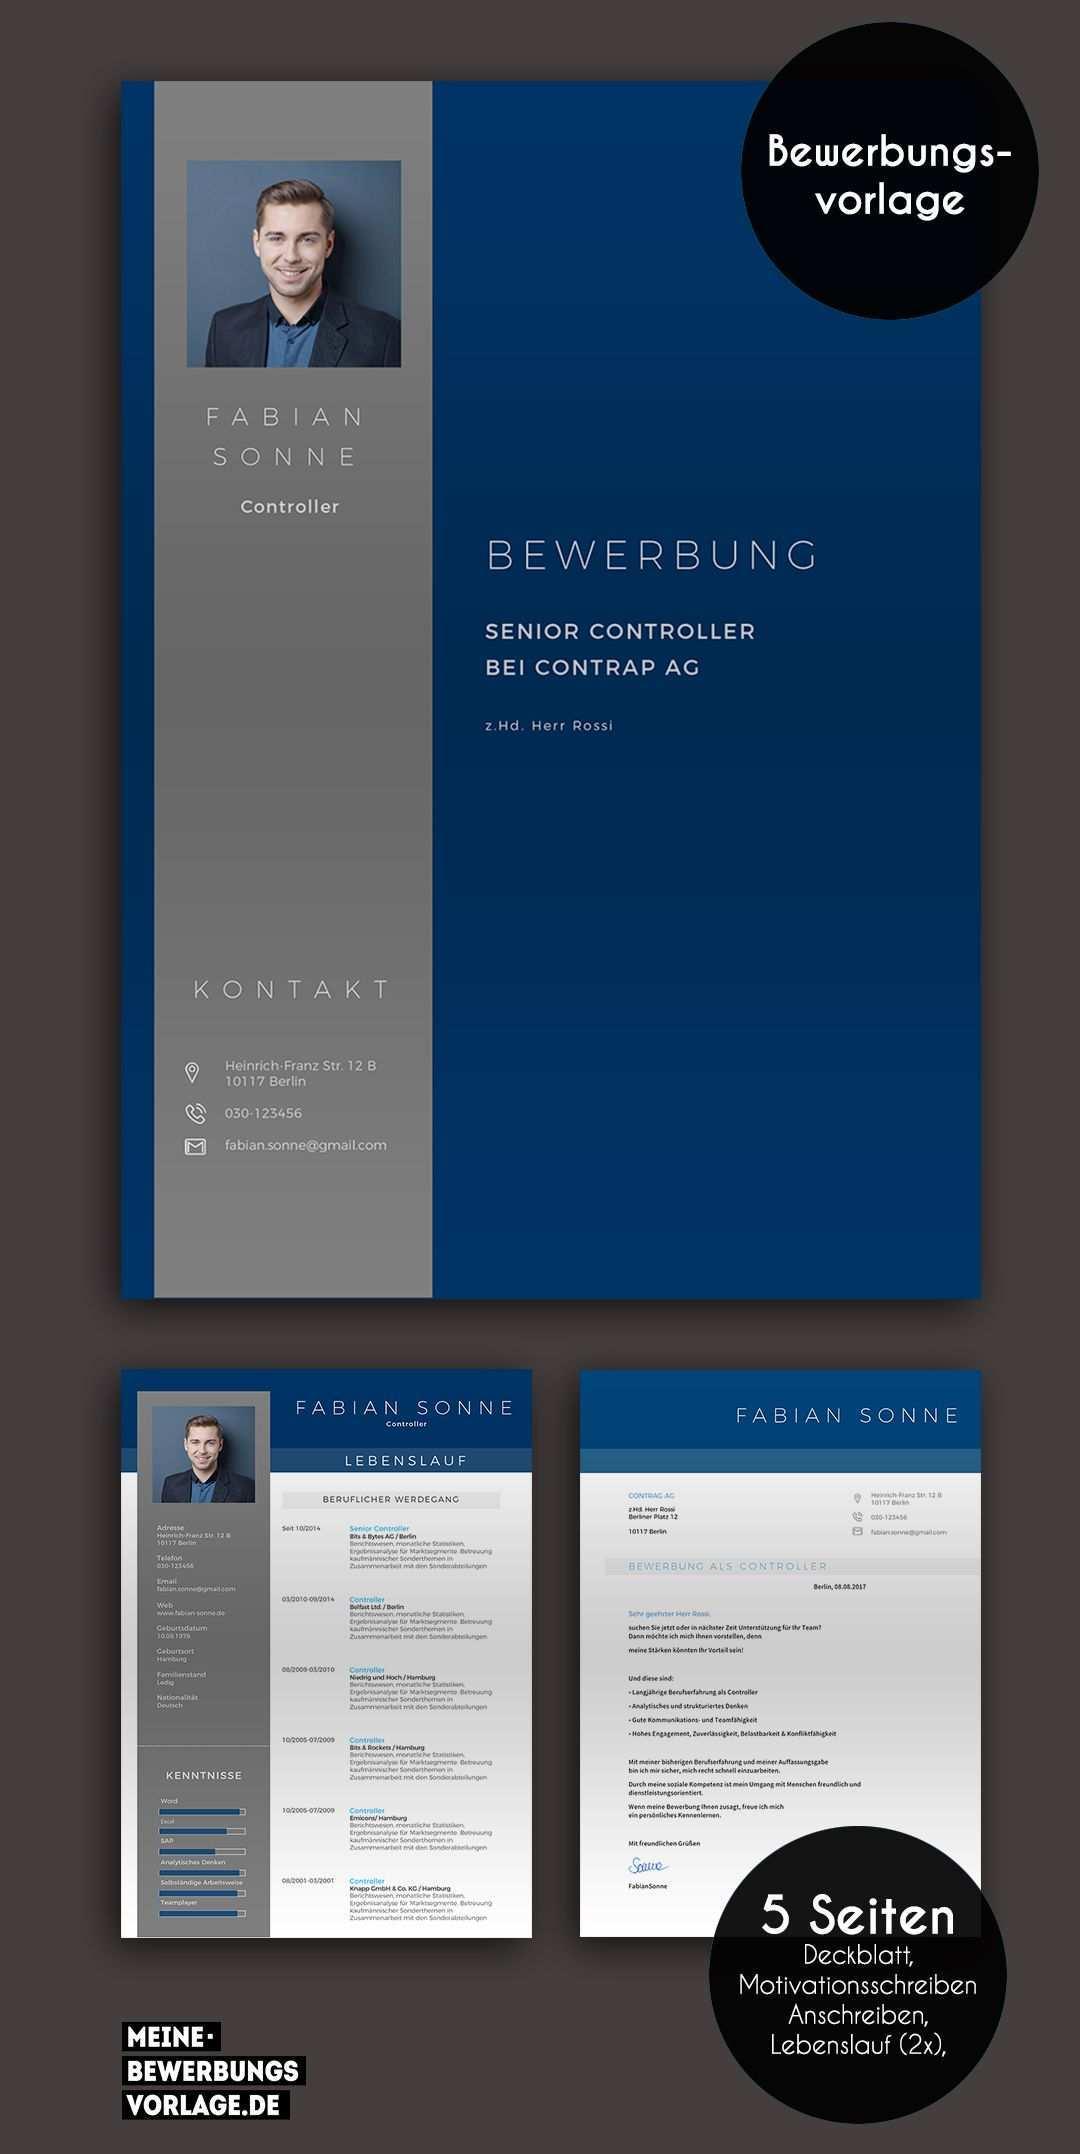 No 4 Bewerbung Lebenslauf Vorlage Vorlage Deckblatt Bewerbung Lebenslauf Design